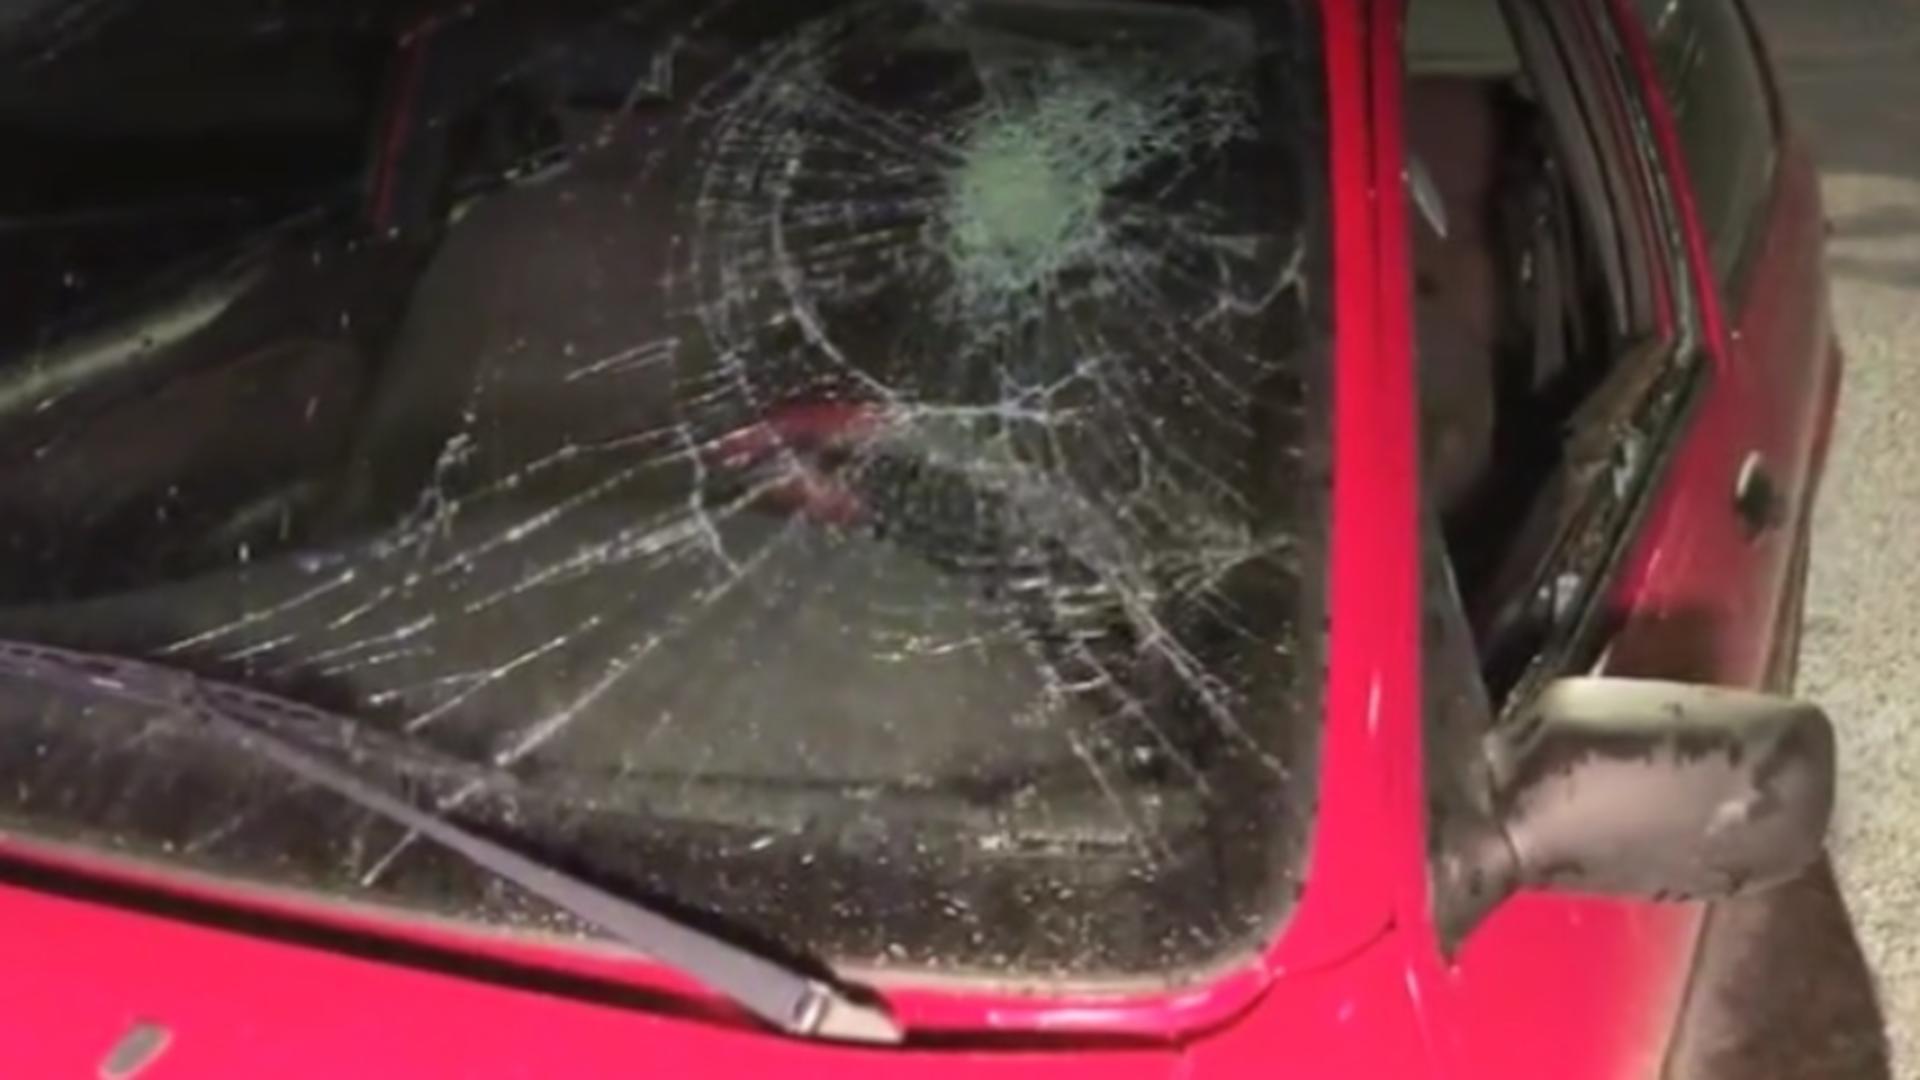 Poliţiştii sunt în alertă, după ce un autoturism a fost distrus în centrul Craiovei